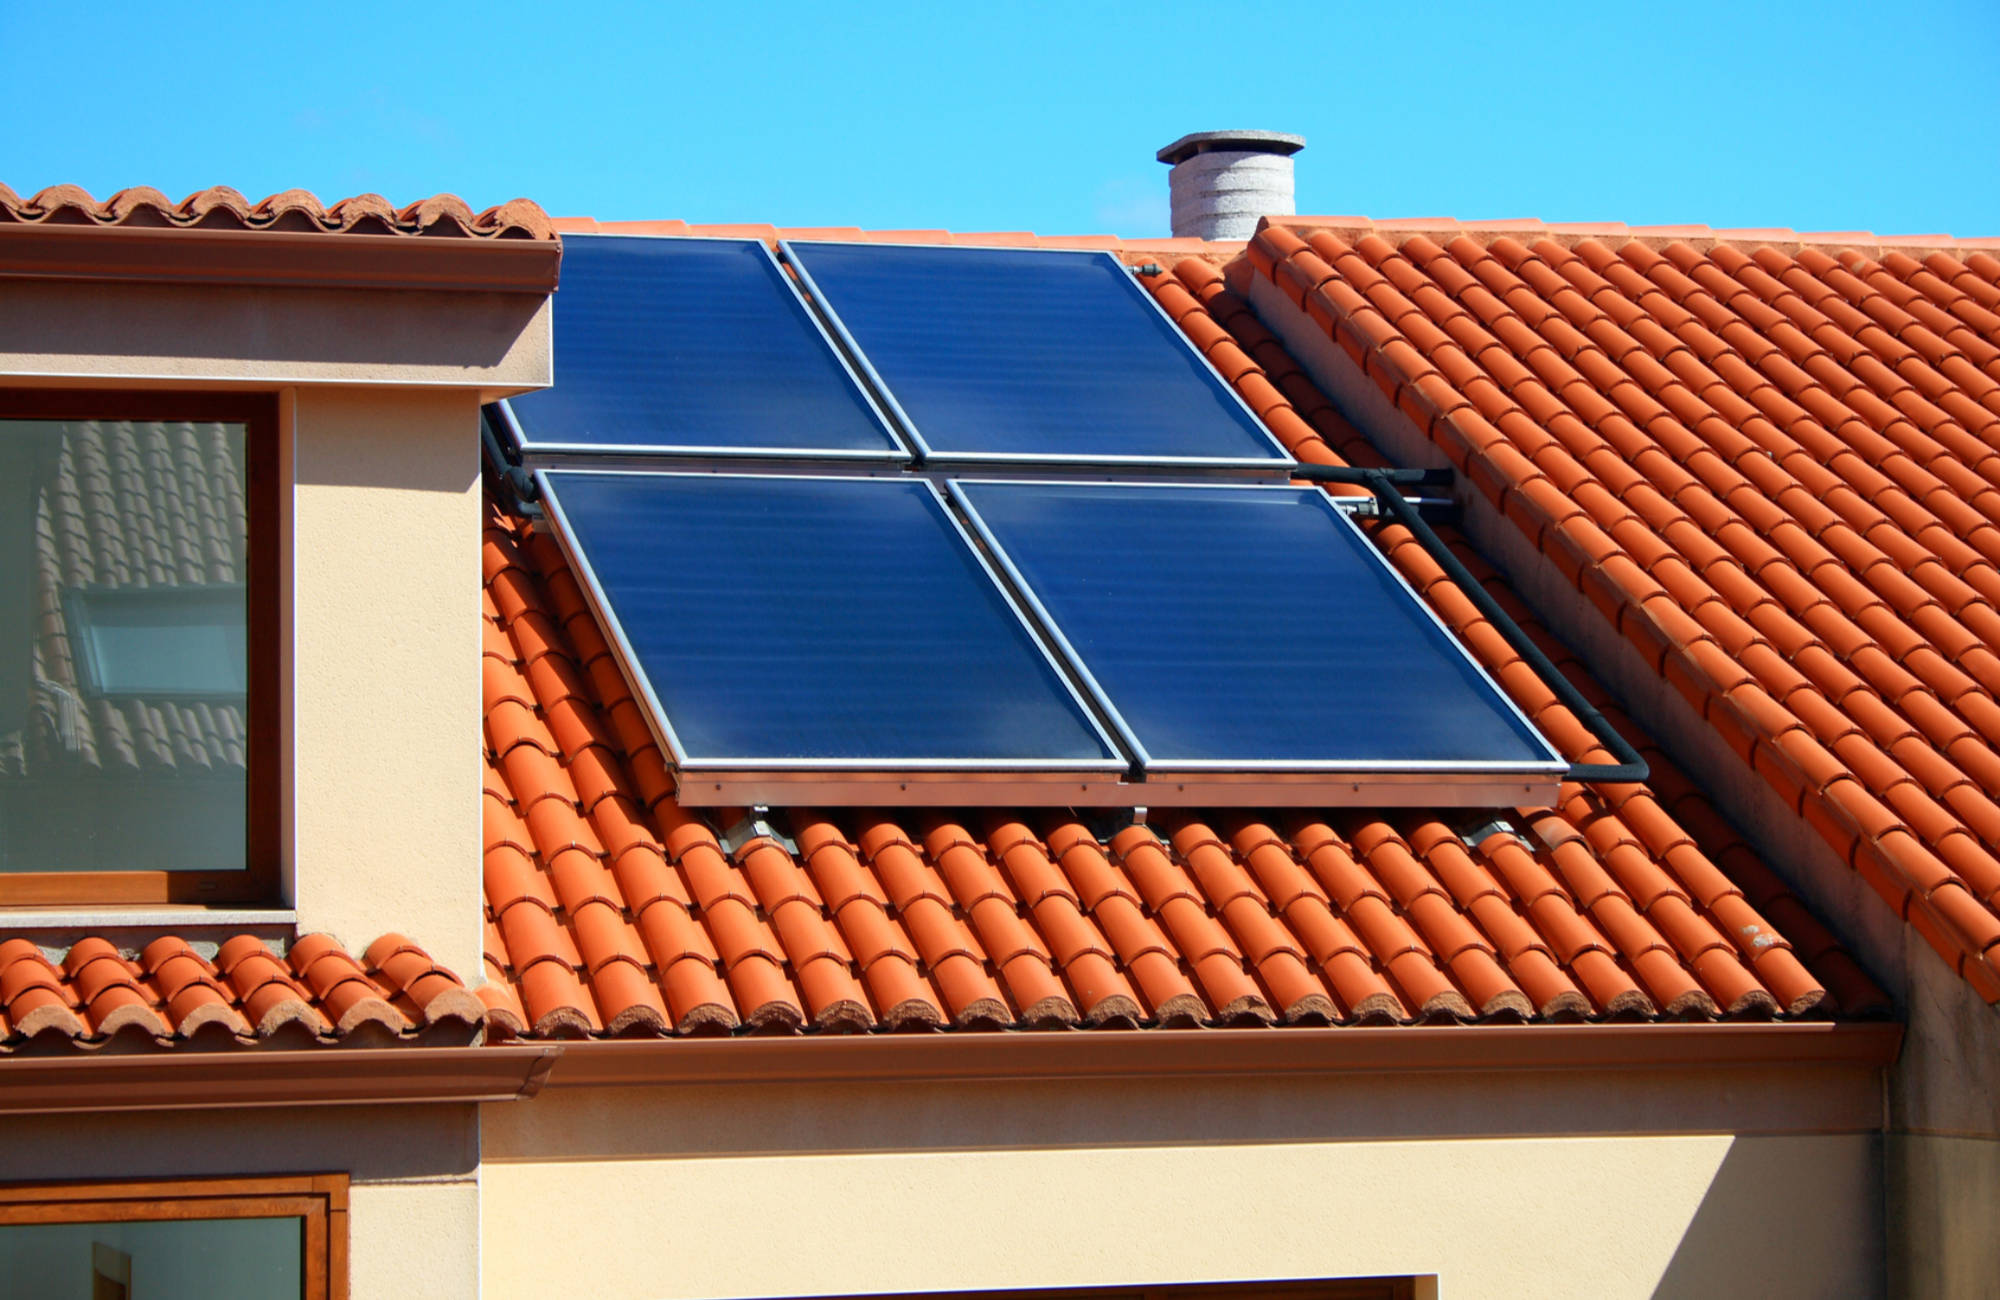 Installez un chauffe-eau solaire et faites rapidement des économies ! Devis gratuit en ligne